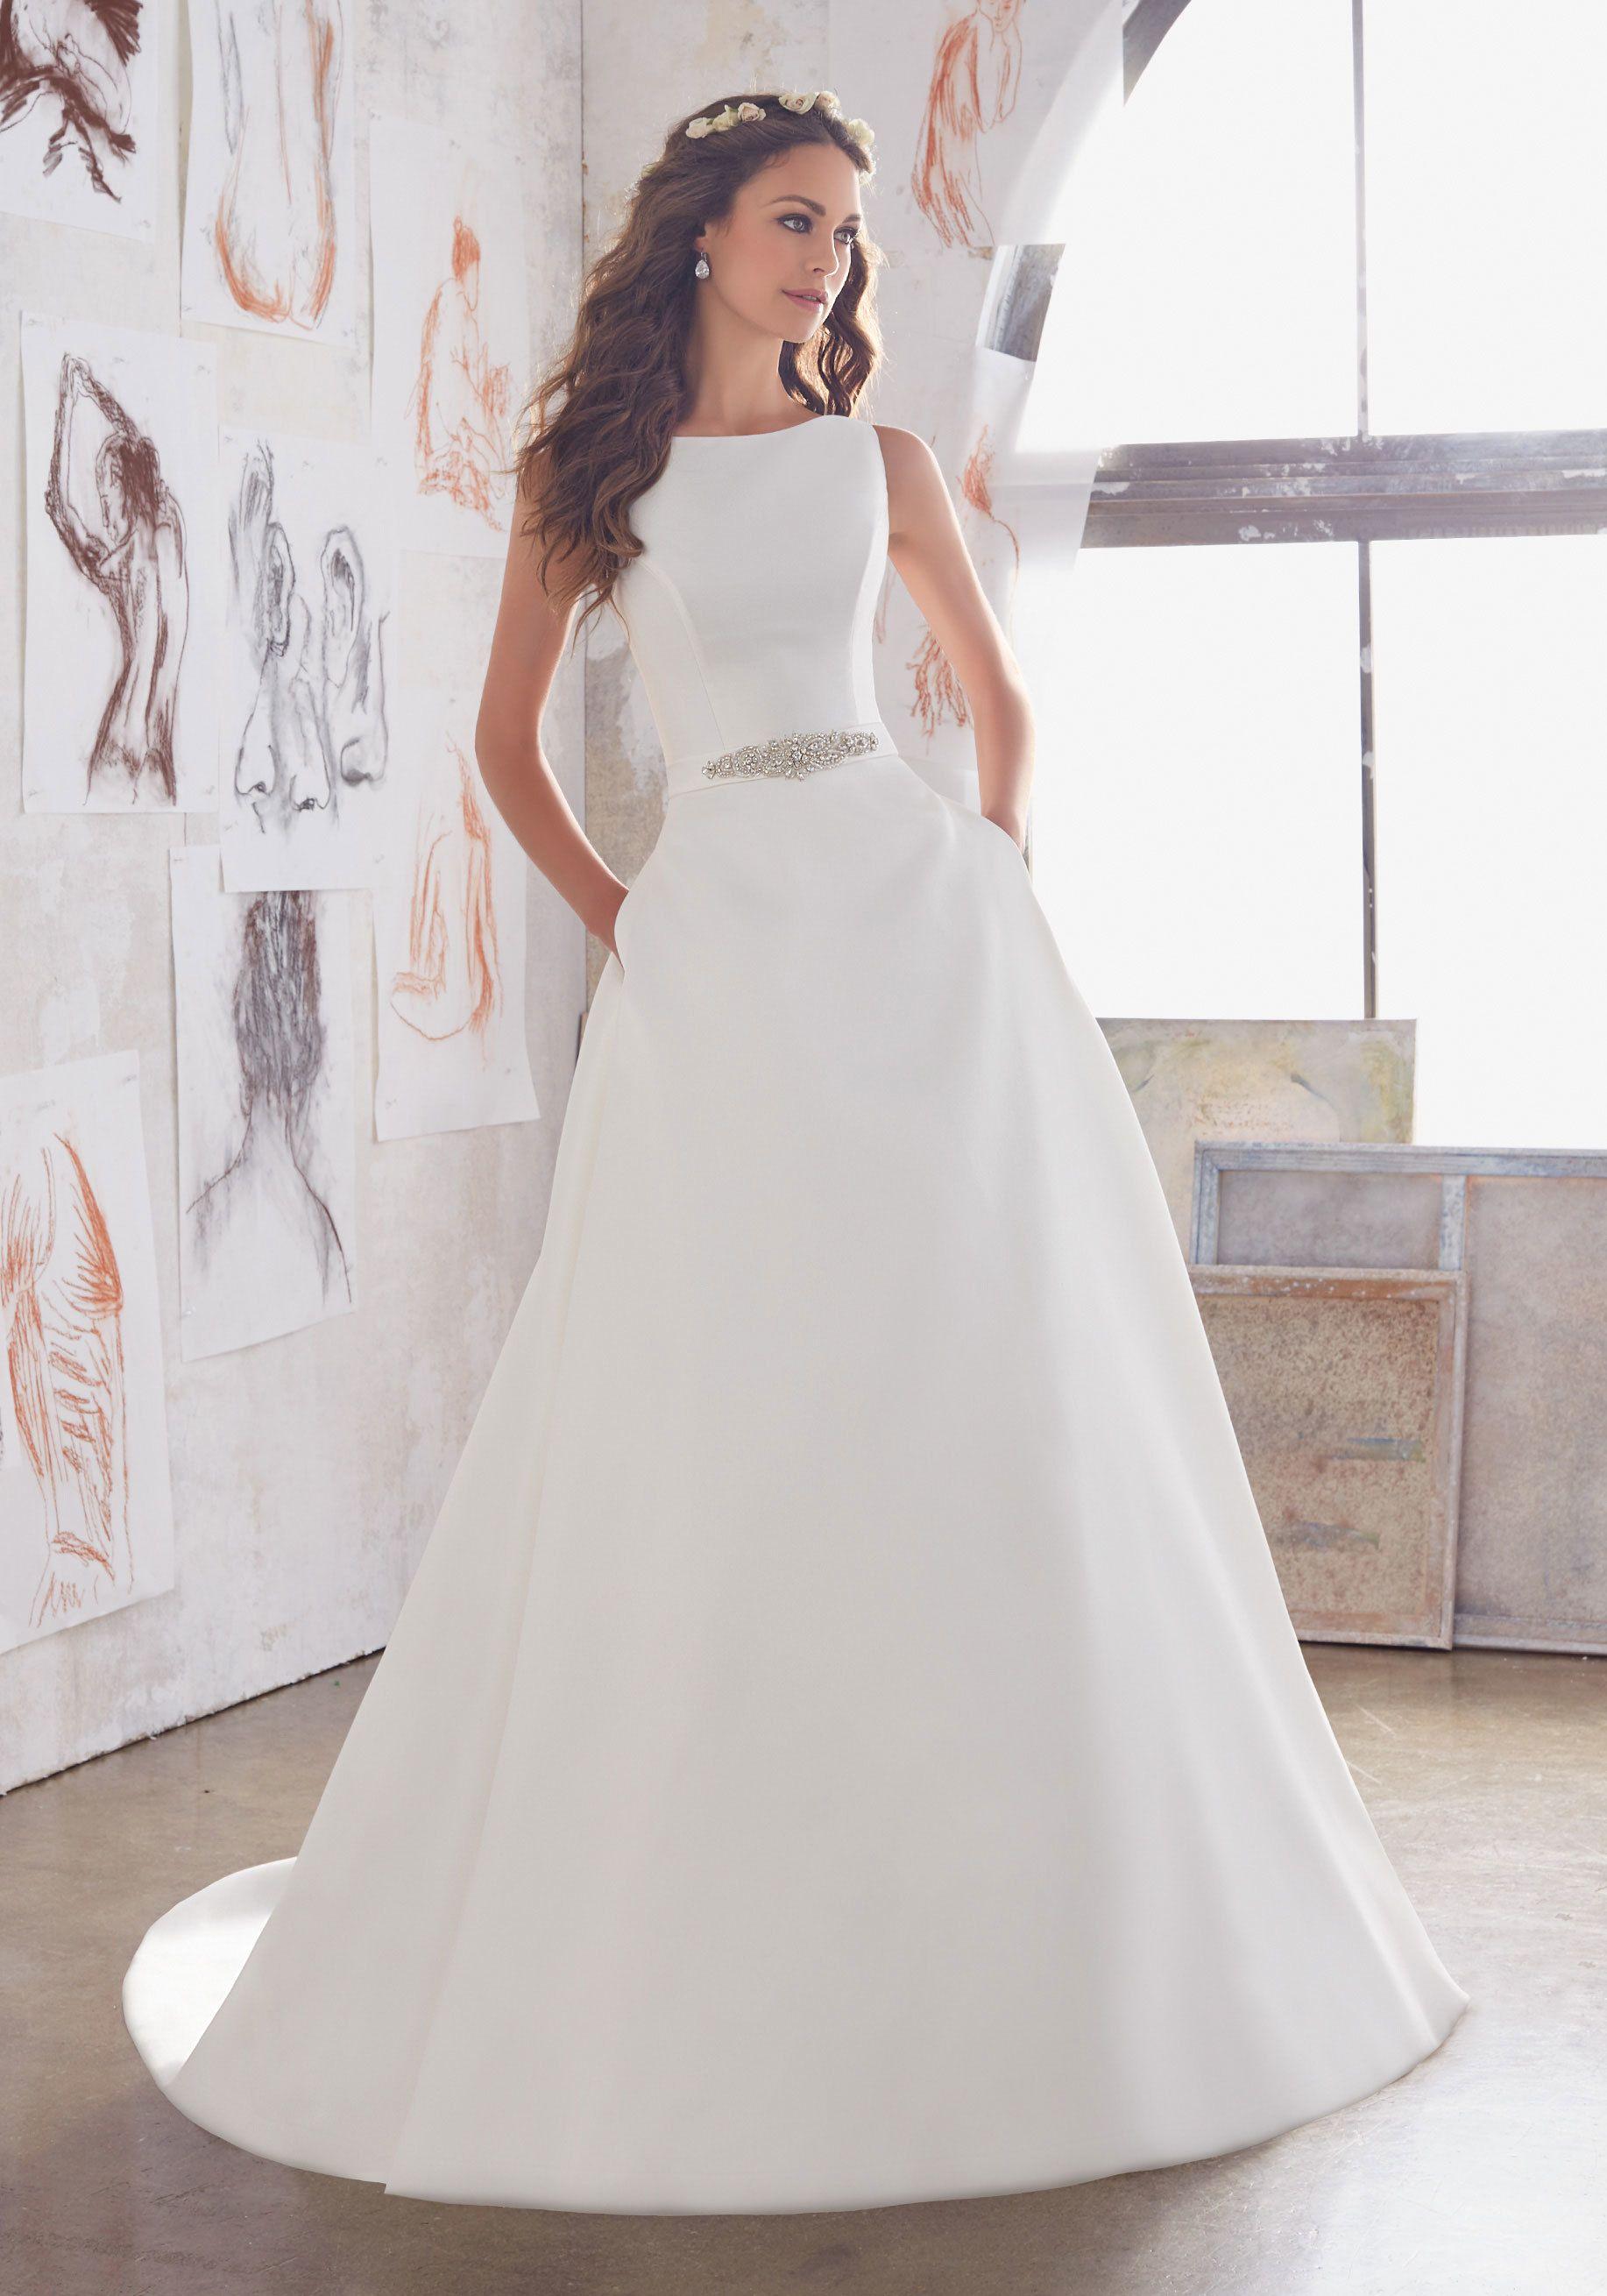 1370b82d16d1 MoriLee maxine 5516 – Anina Brud & Festspecialisten Elegant Brudklänning,  Bröllopsklänningsstilar, Bröllopsdesserter, Utanför